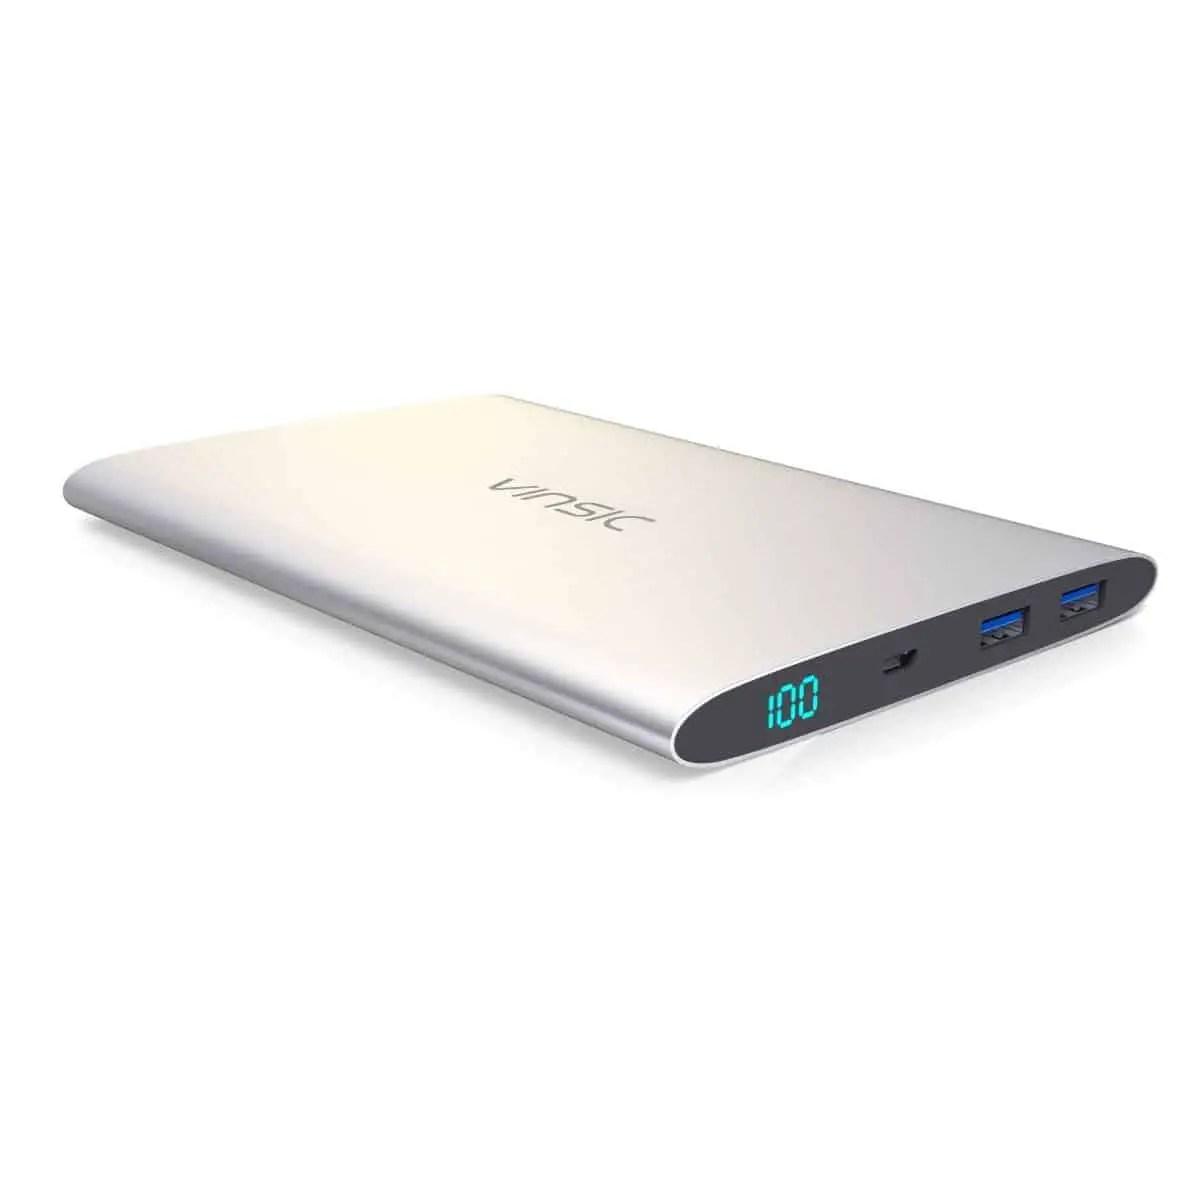 Vinsic 15000mAh Ultra Slim Power Bank Review